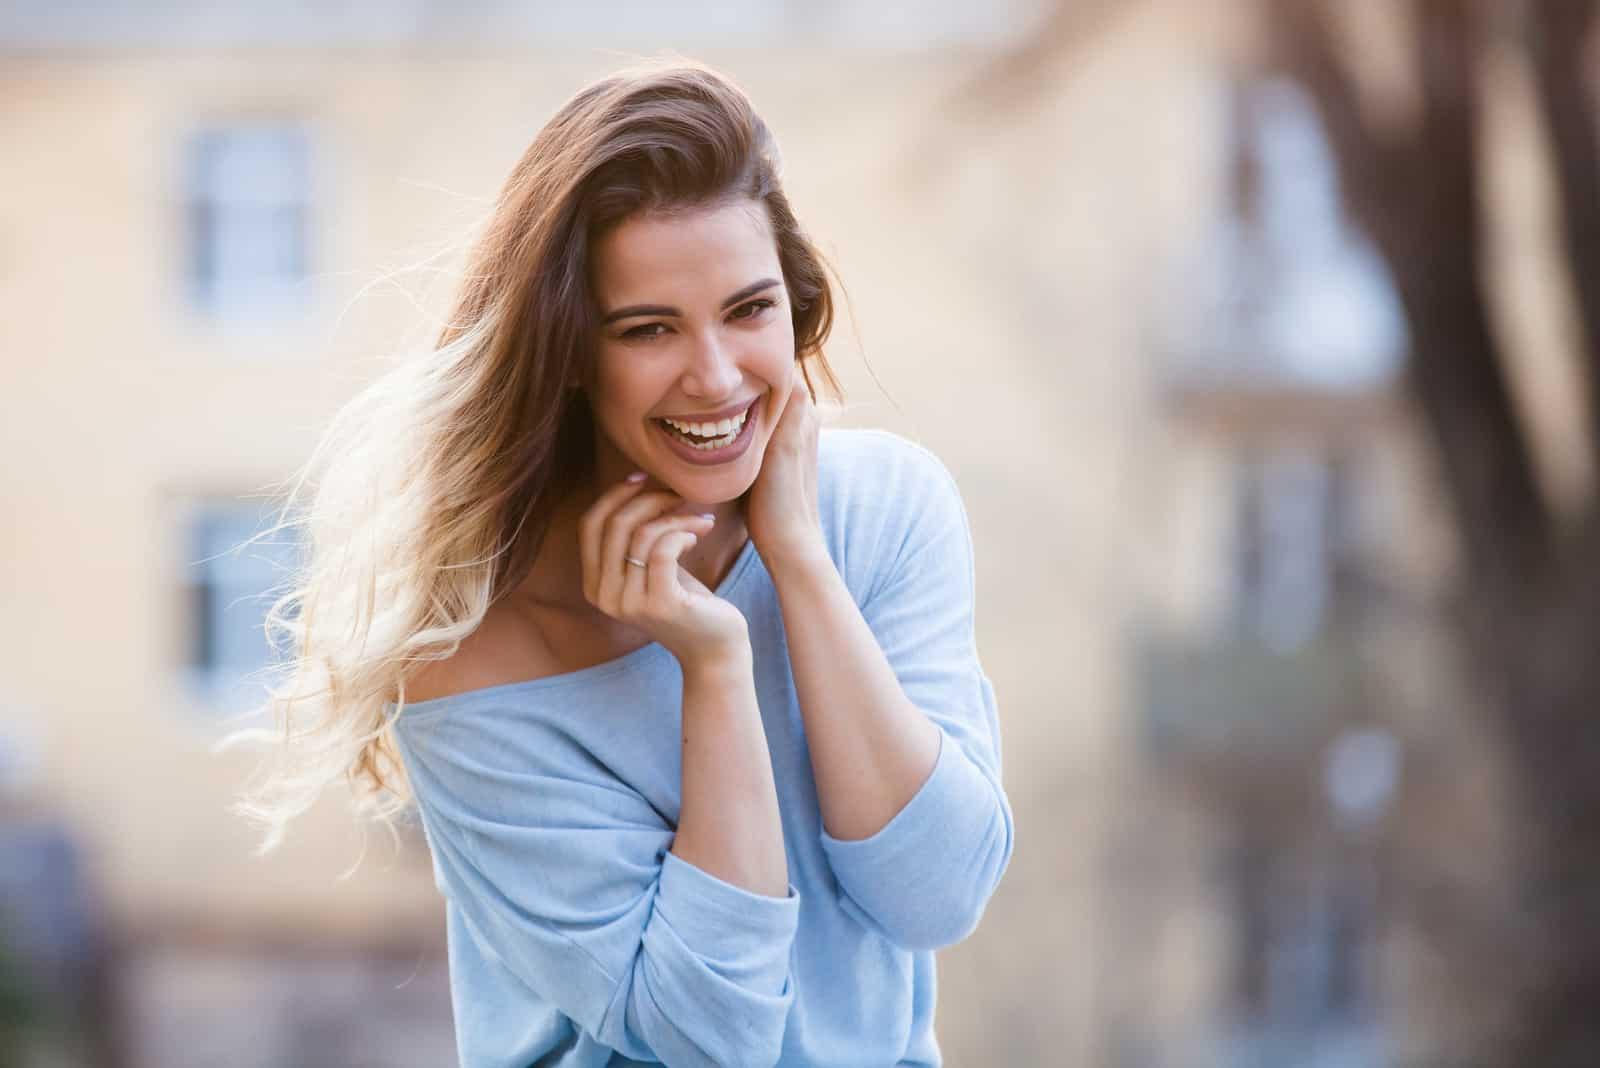 une femme aux cheveux bruns souriante